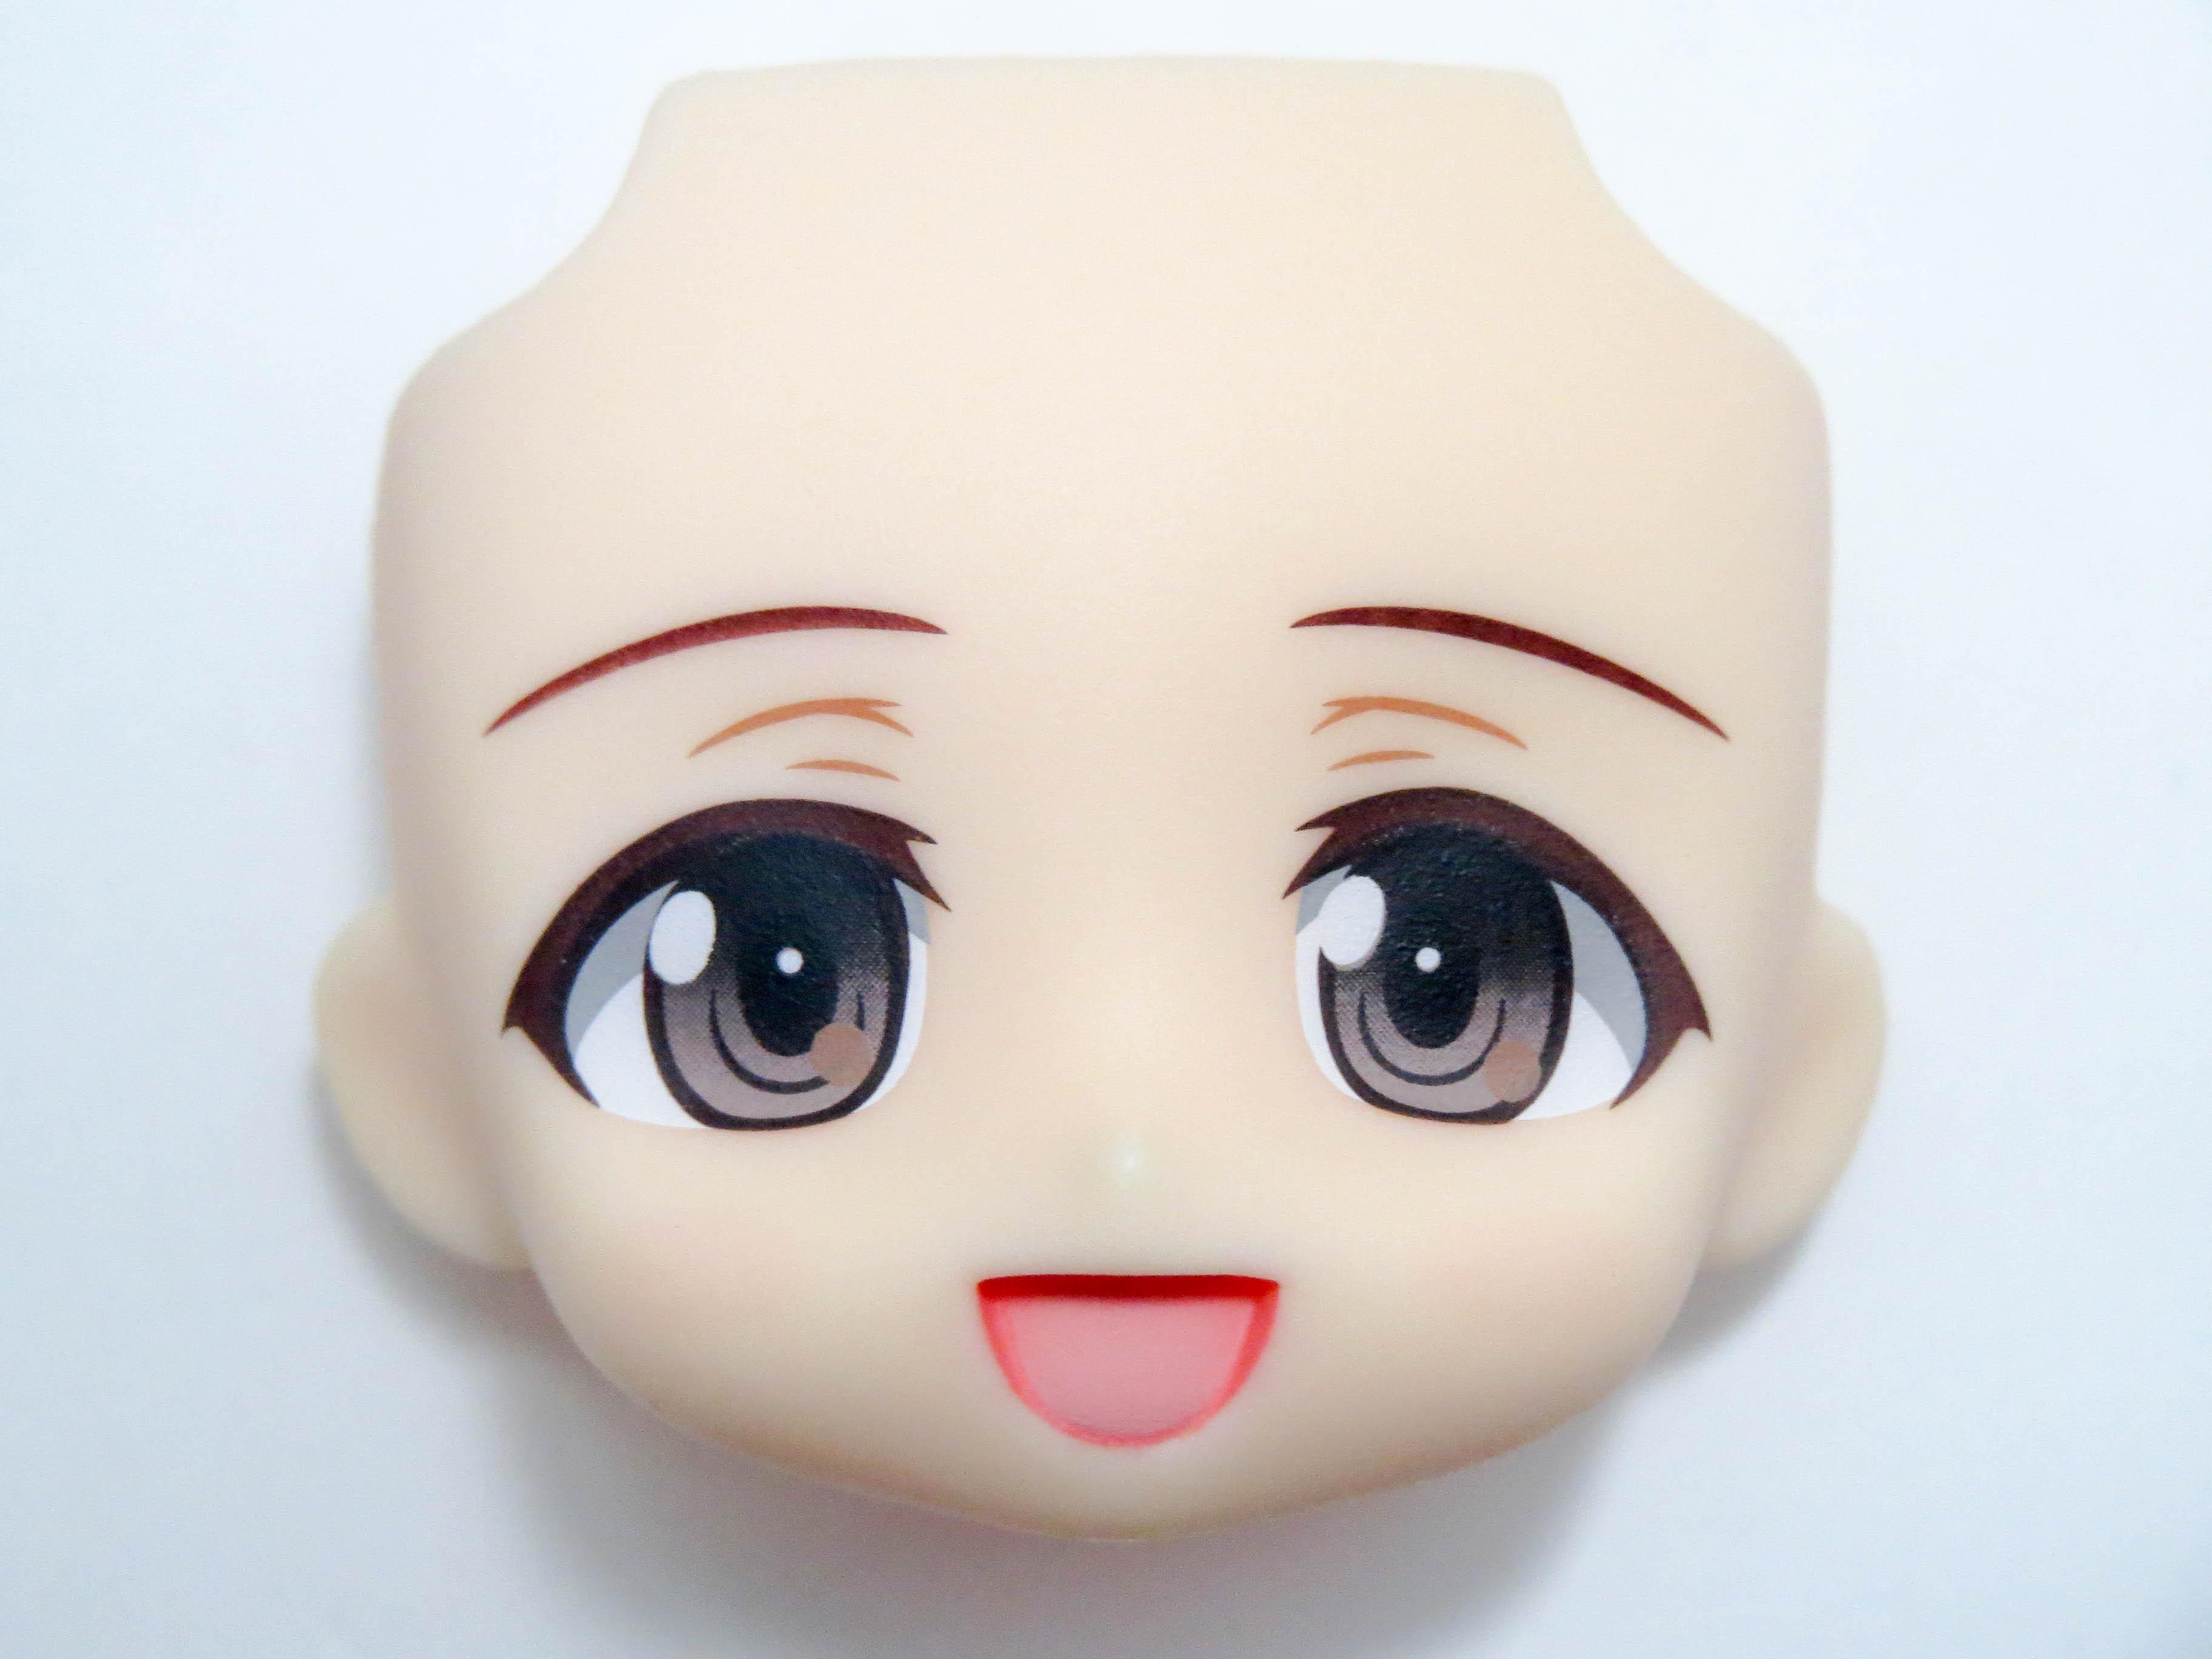 【SALE】【412】 秋山優花里 顔パーツ 笑顔 ねんどろいど